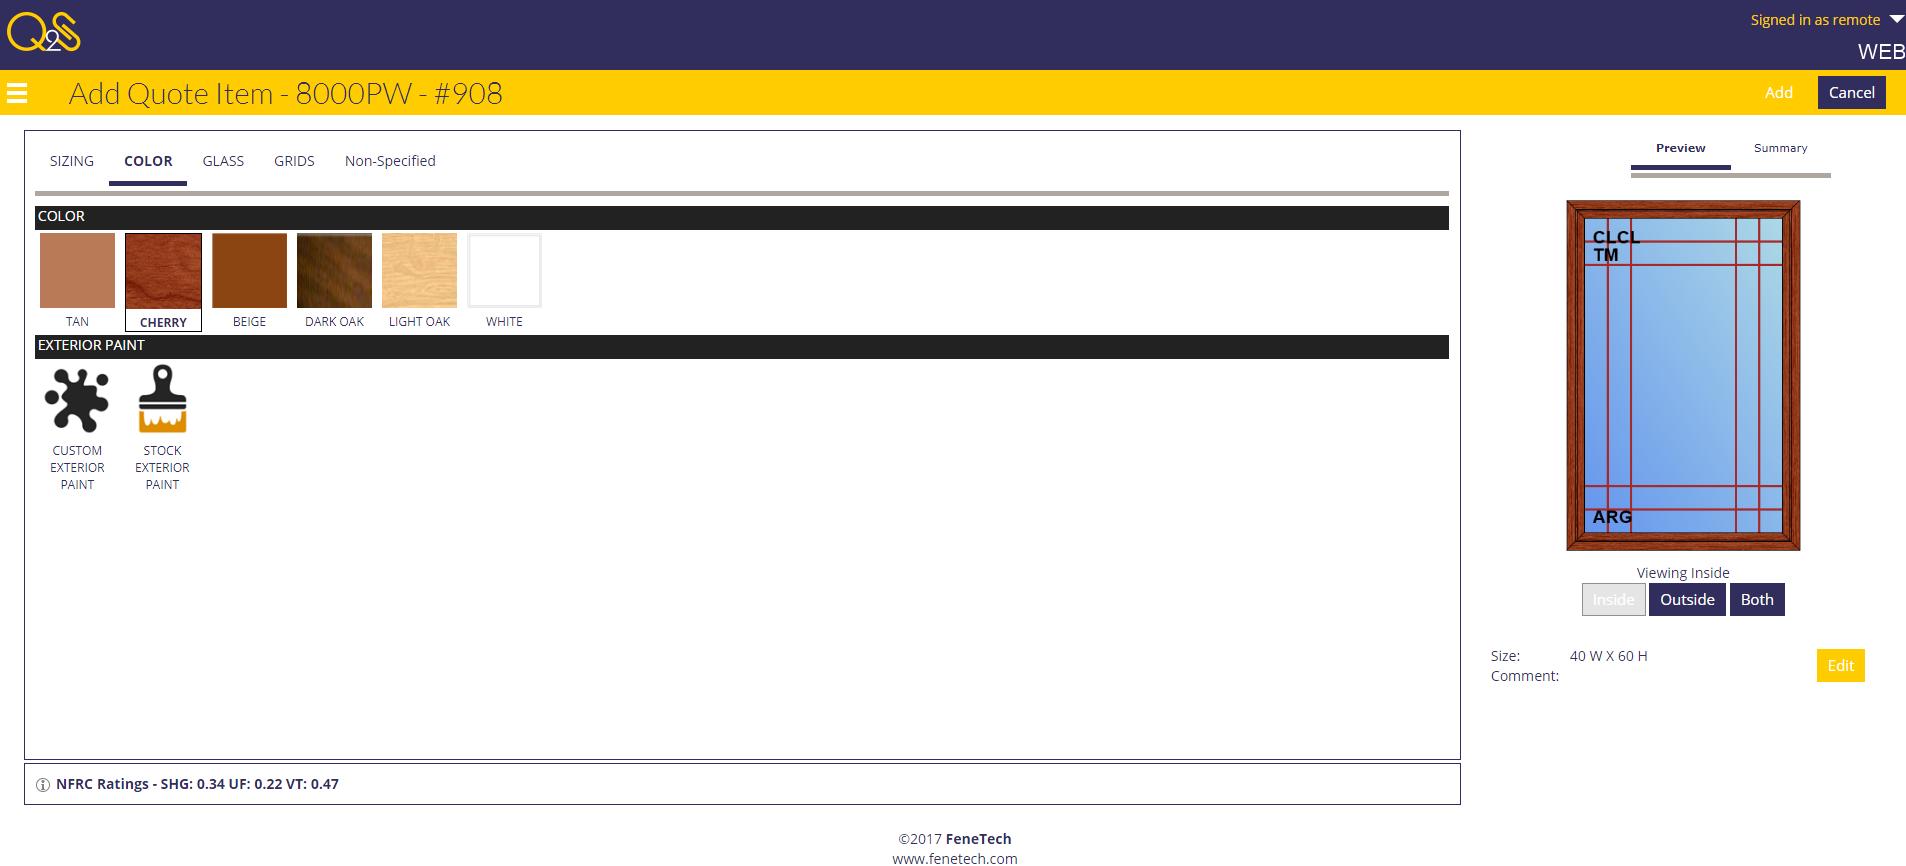 Image based web entry